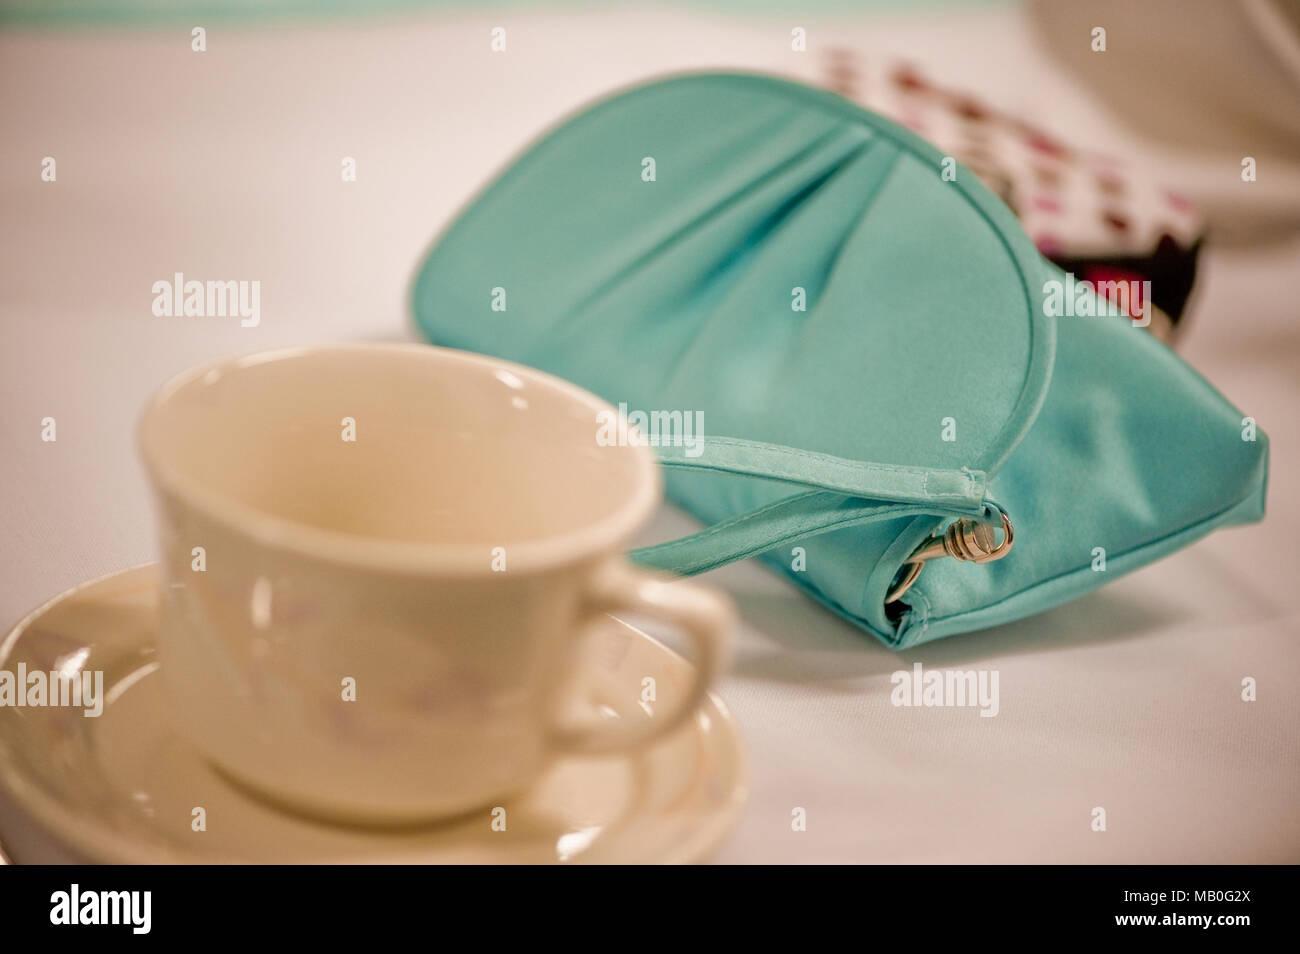 Eine kleine Teal farbige Geldbeutel neben einem leeren Tasse auf einem Tisch Stockbild